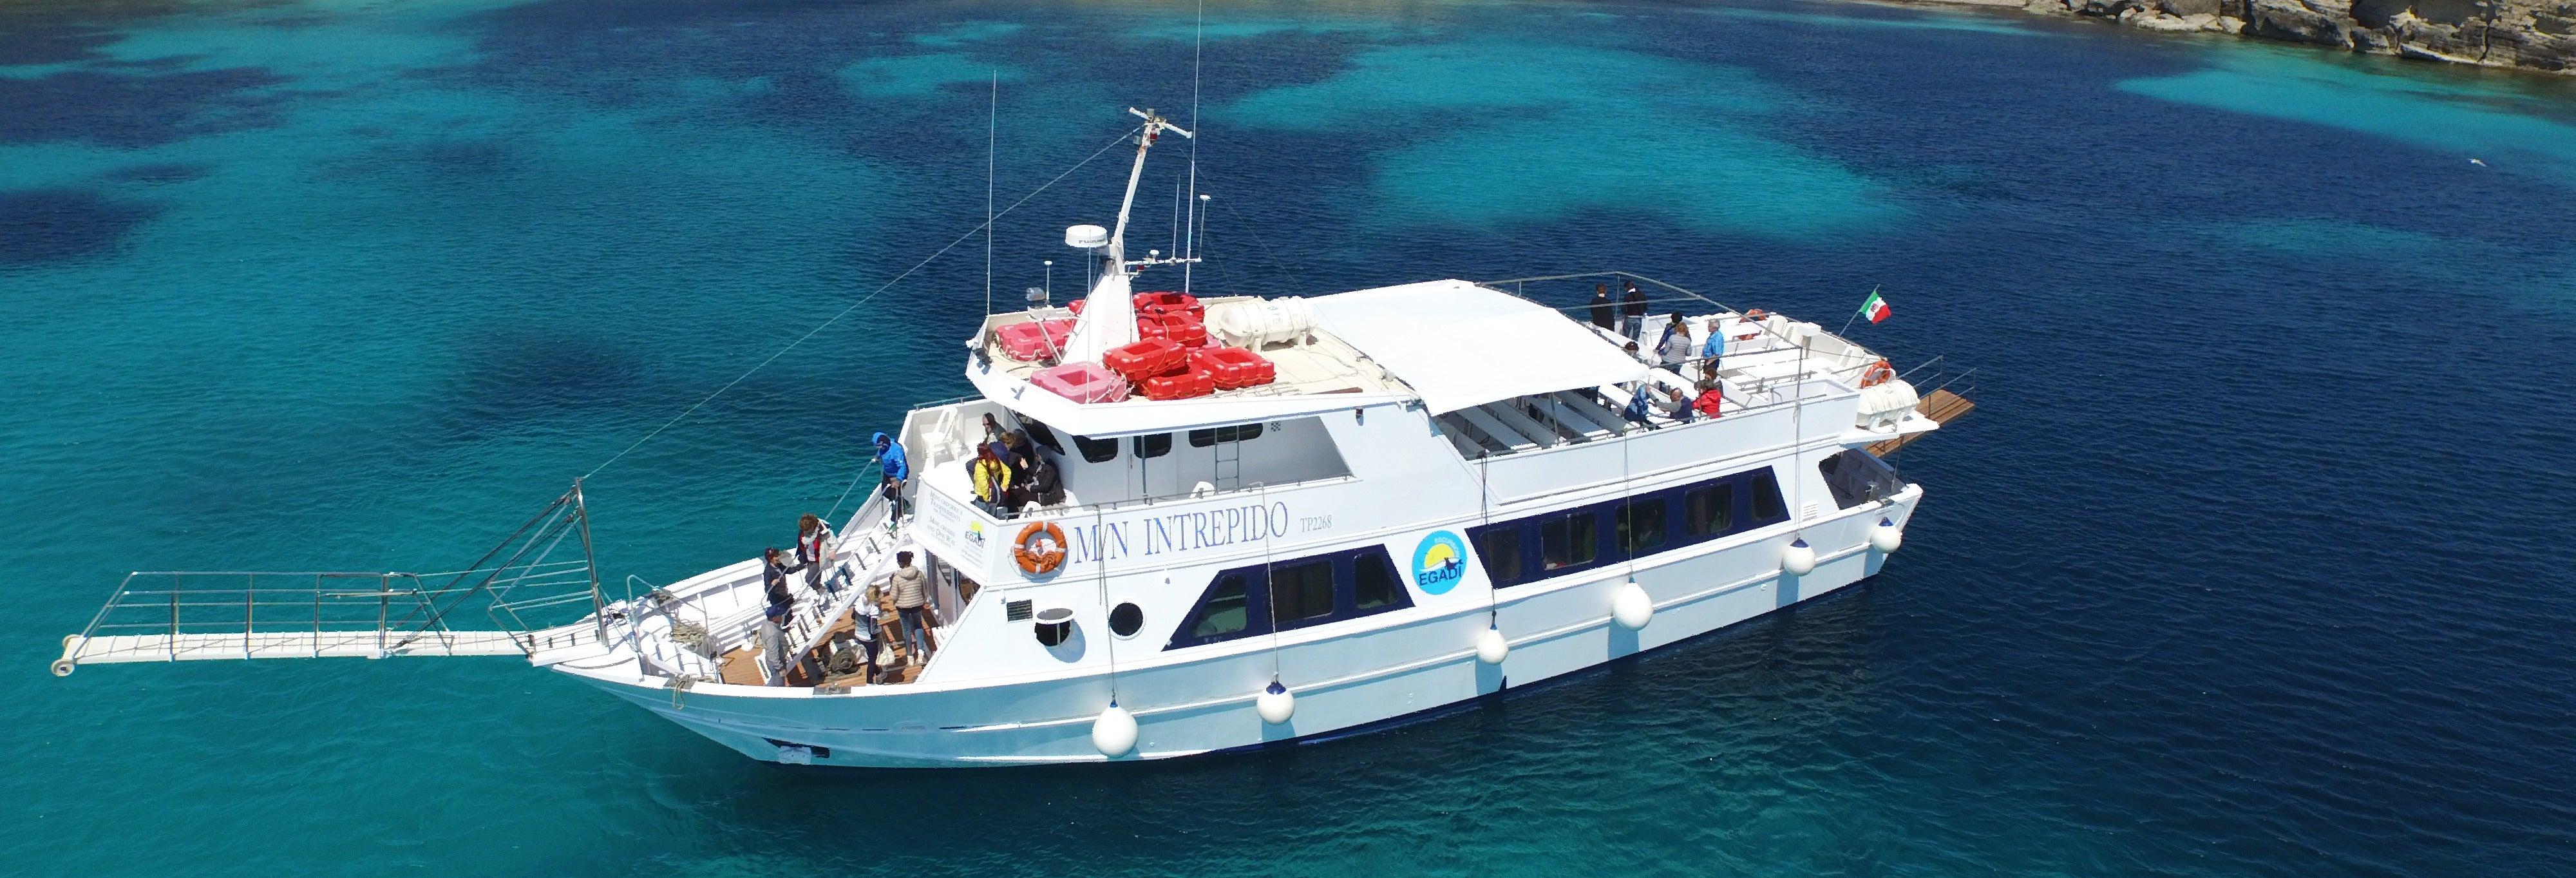 Crucero por Favignana y Levanzo